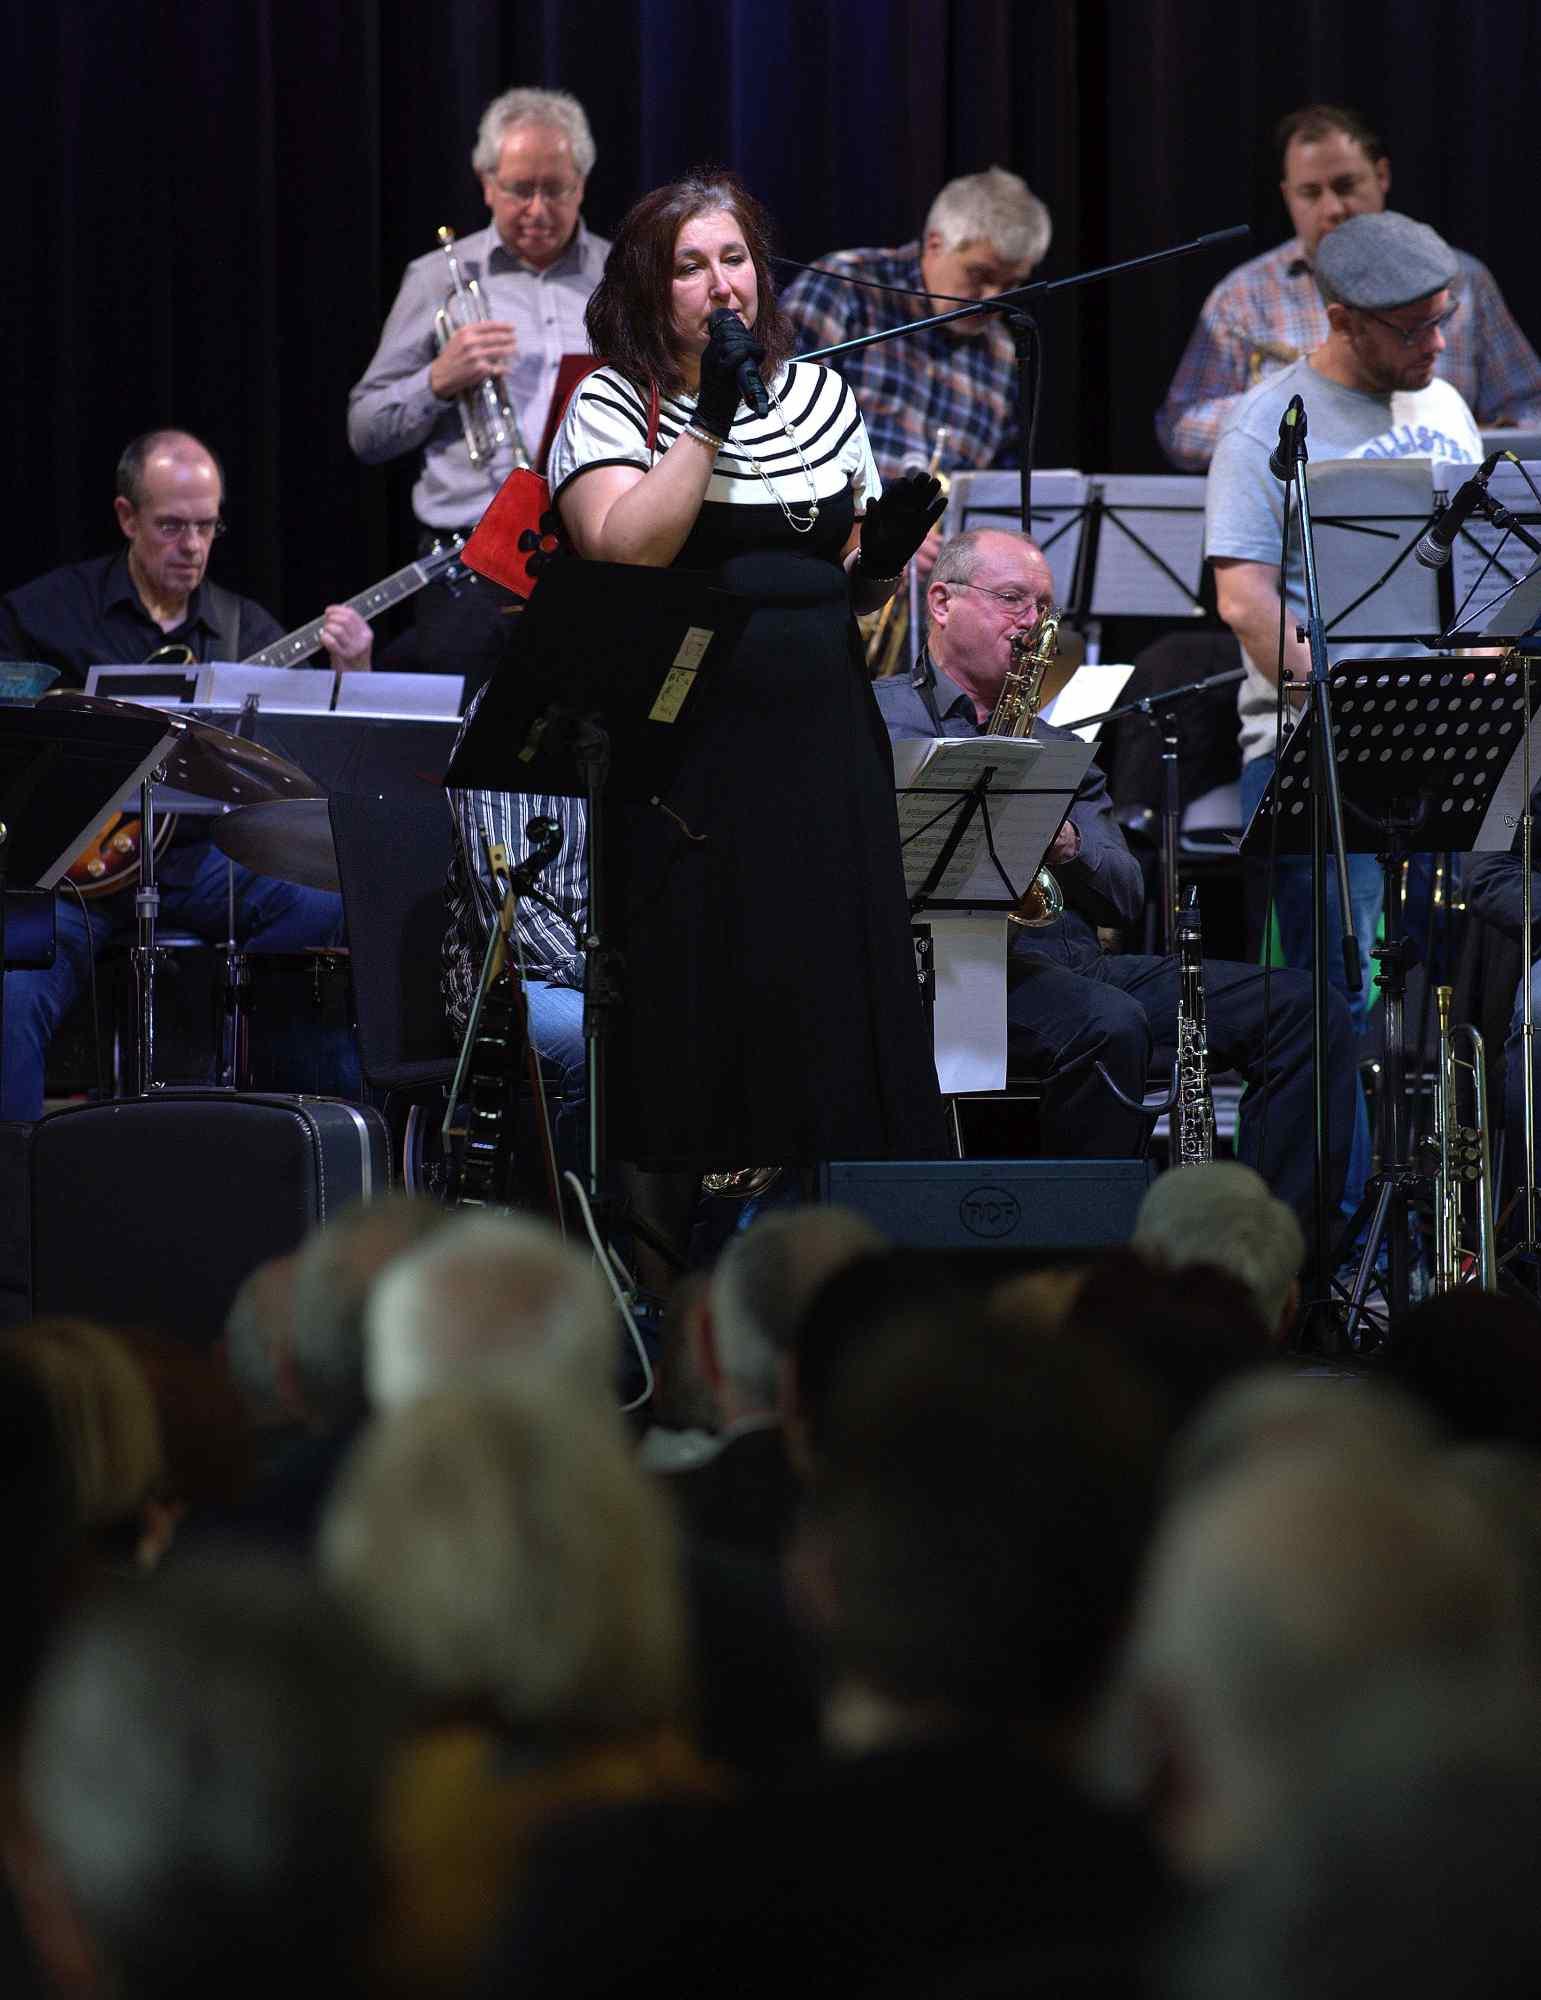 Bongos-Bigband-Konzert_20200301_DSC_2171.NEF_